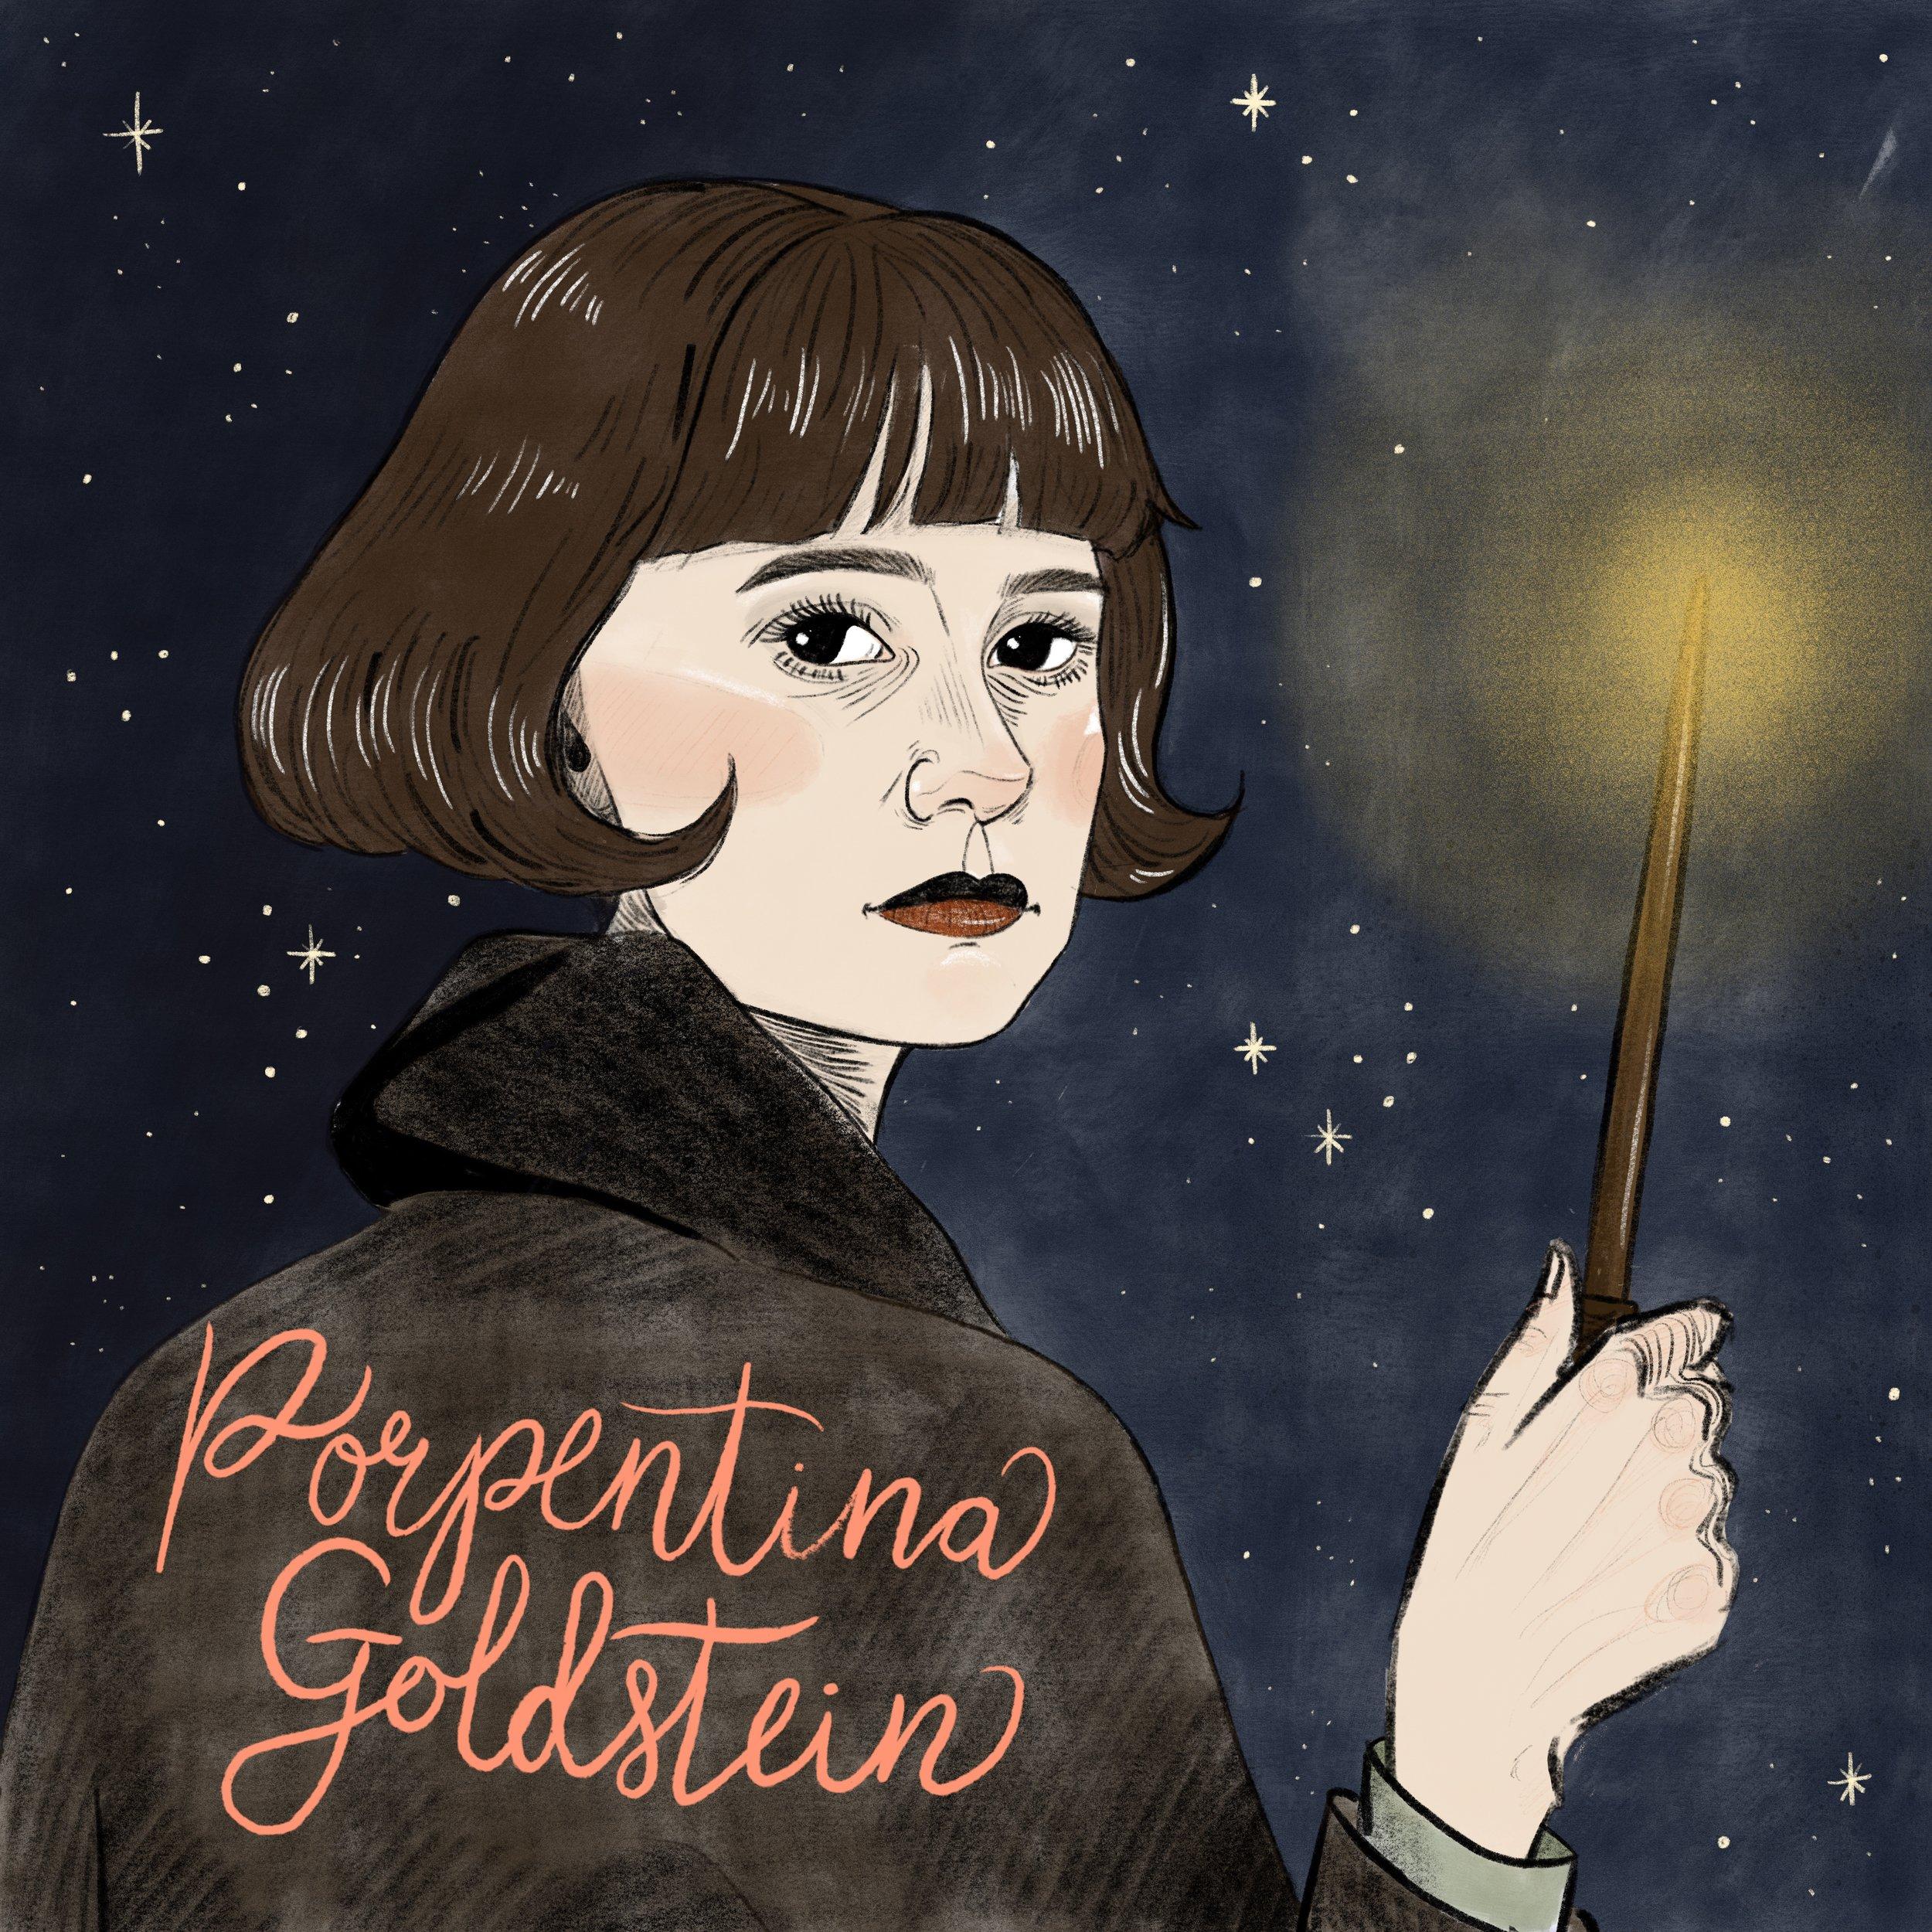 Porpentina Goldstein